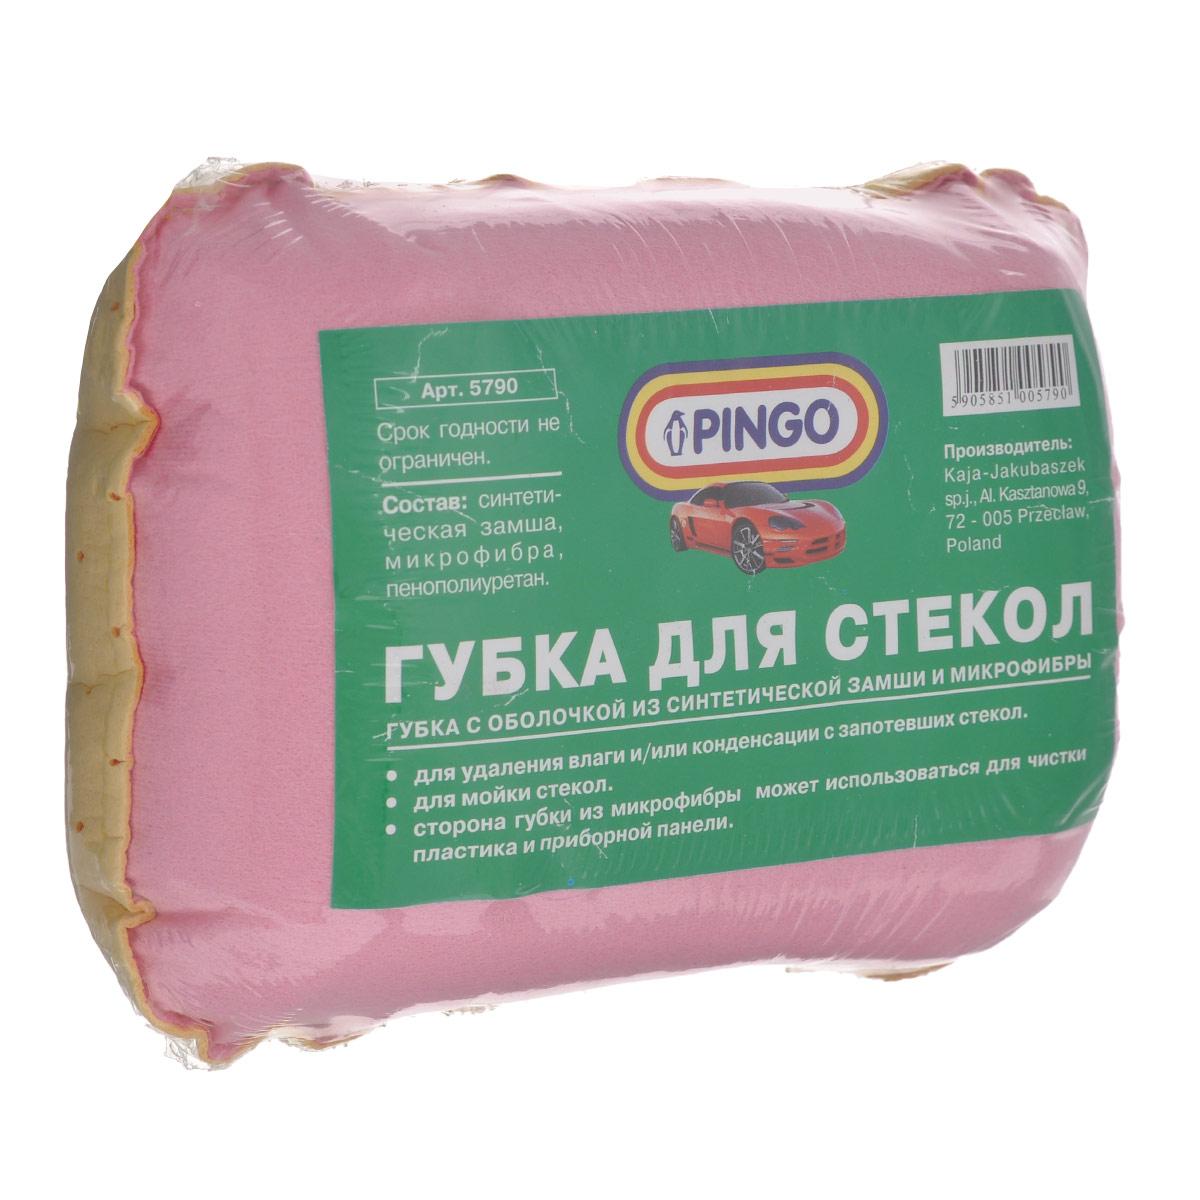 Губка для стекол Pingo, цвет: розовый, желтыйVCA-00Губка для стекол Pingo изготовлена из пенополиуретана с оболочкой из синтетической замши и микрофибры. Губка предназначена для удаления влаги или конденсации с запотевших стекол, для мойки стекол. Сторона губки из микрофибры может использоваться для чистки пластика и приборной панели.